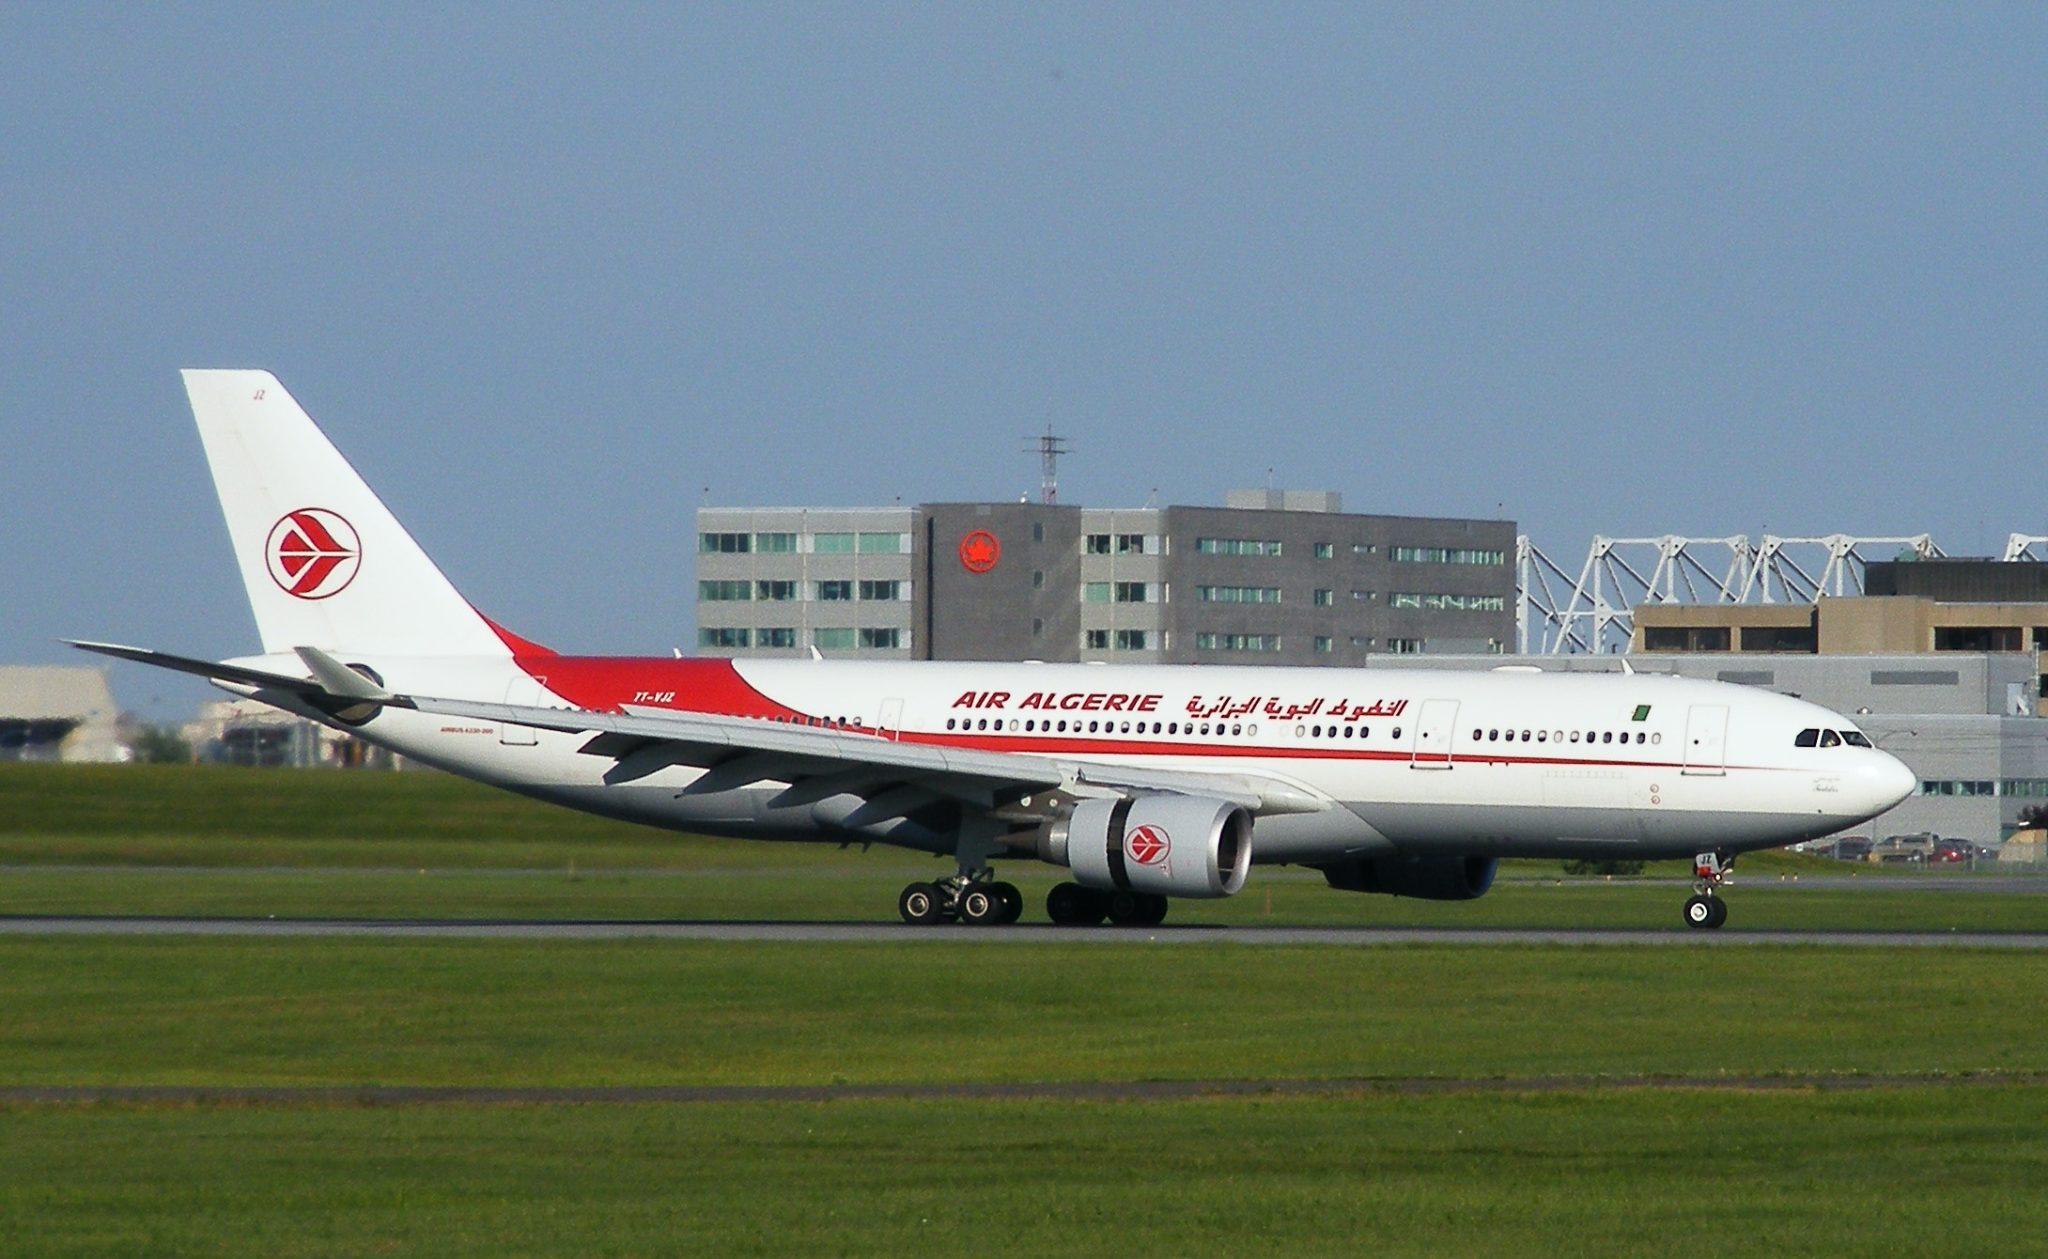 صورة رئيس الجمهورية يأمر بإعادة النظر في طريقة تسيير شركة الخطوط الجوية الجزائرية